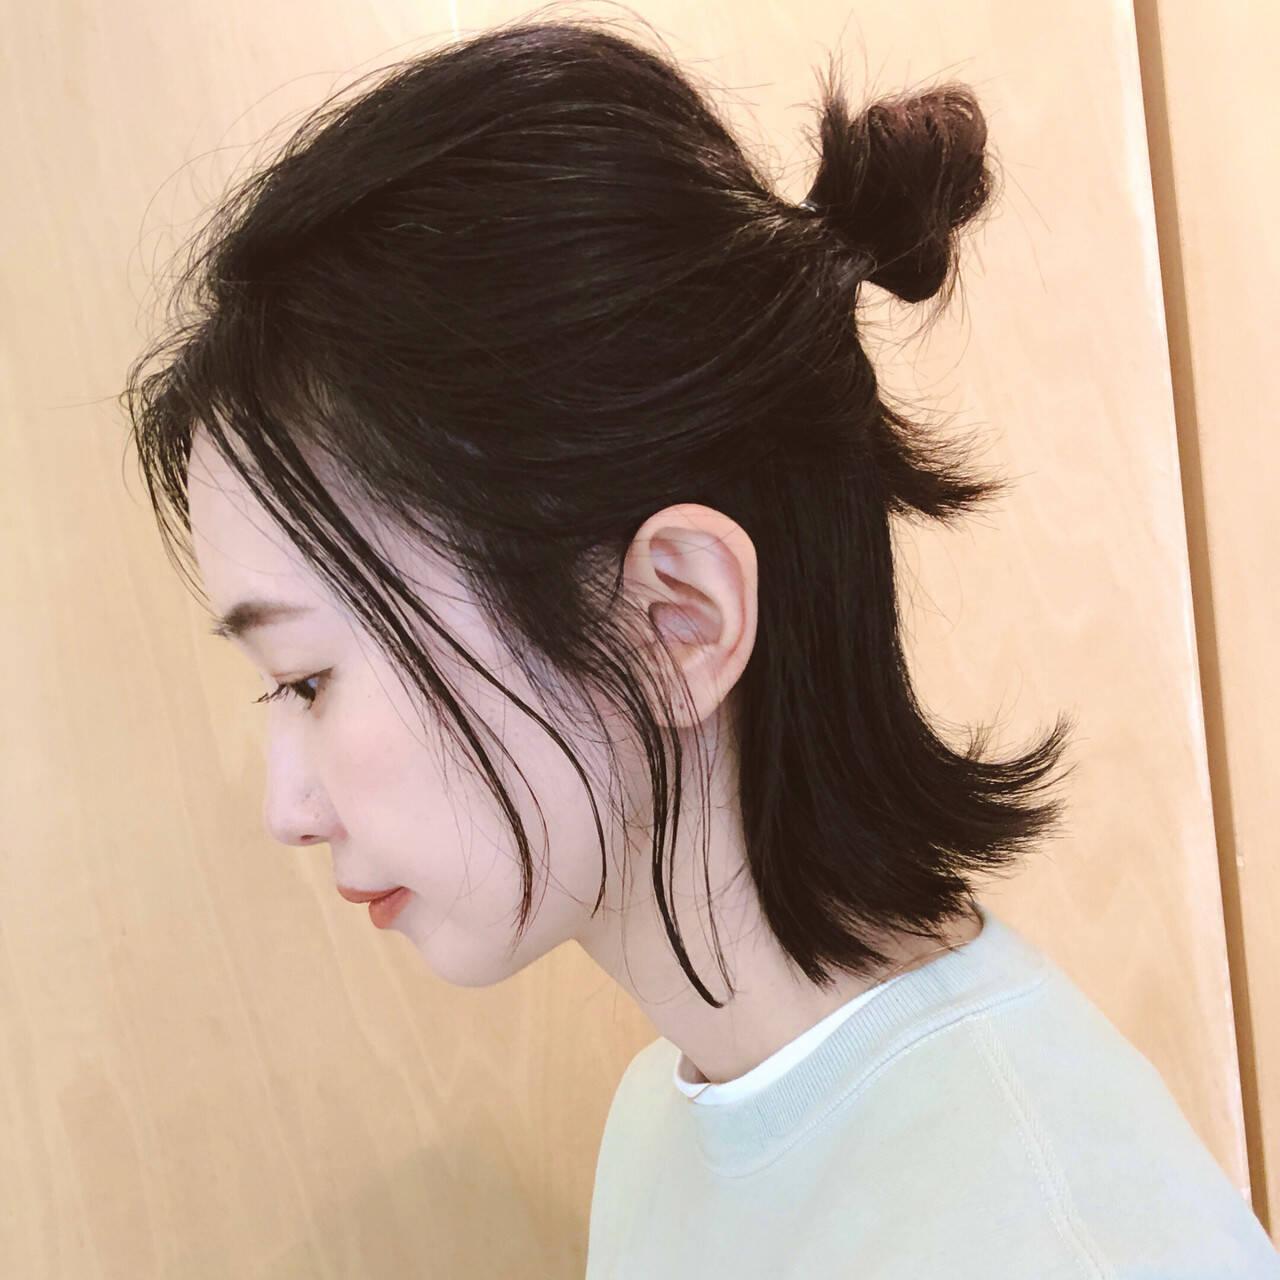 お団子アレンジ ボブ ストリート セルフアレンジヘアスタイルや髪型の写真・画像